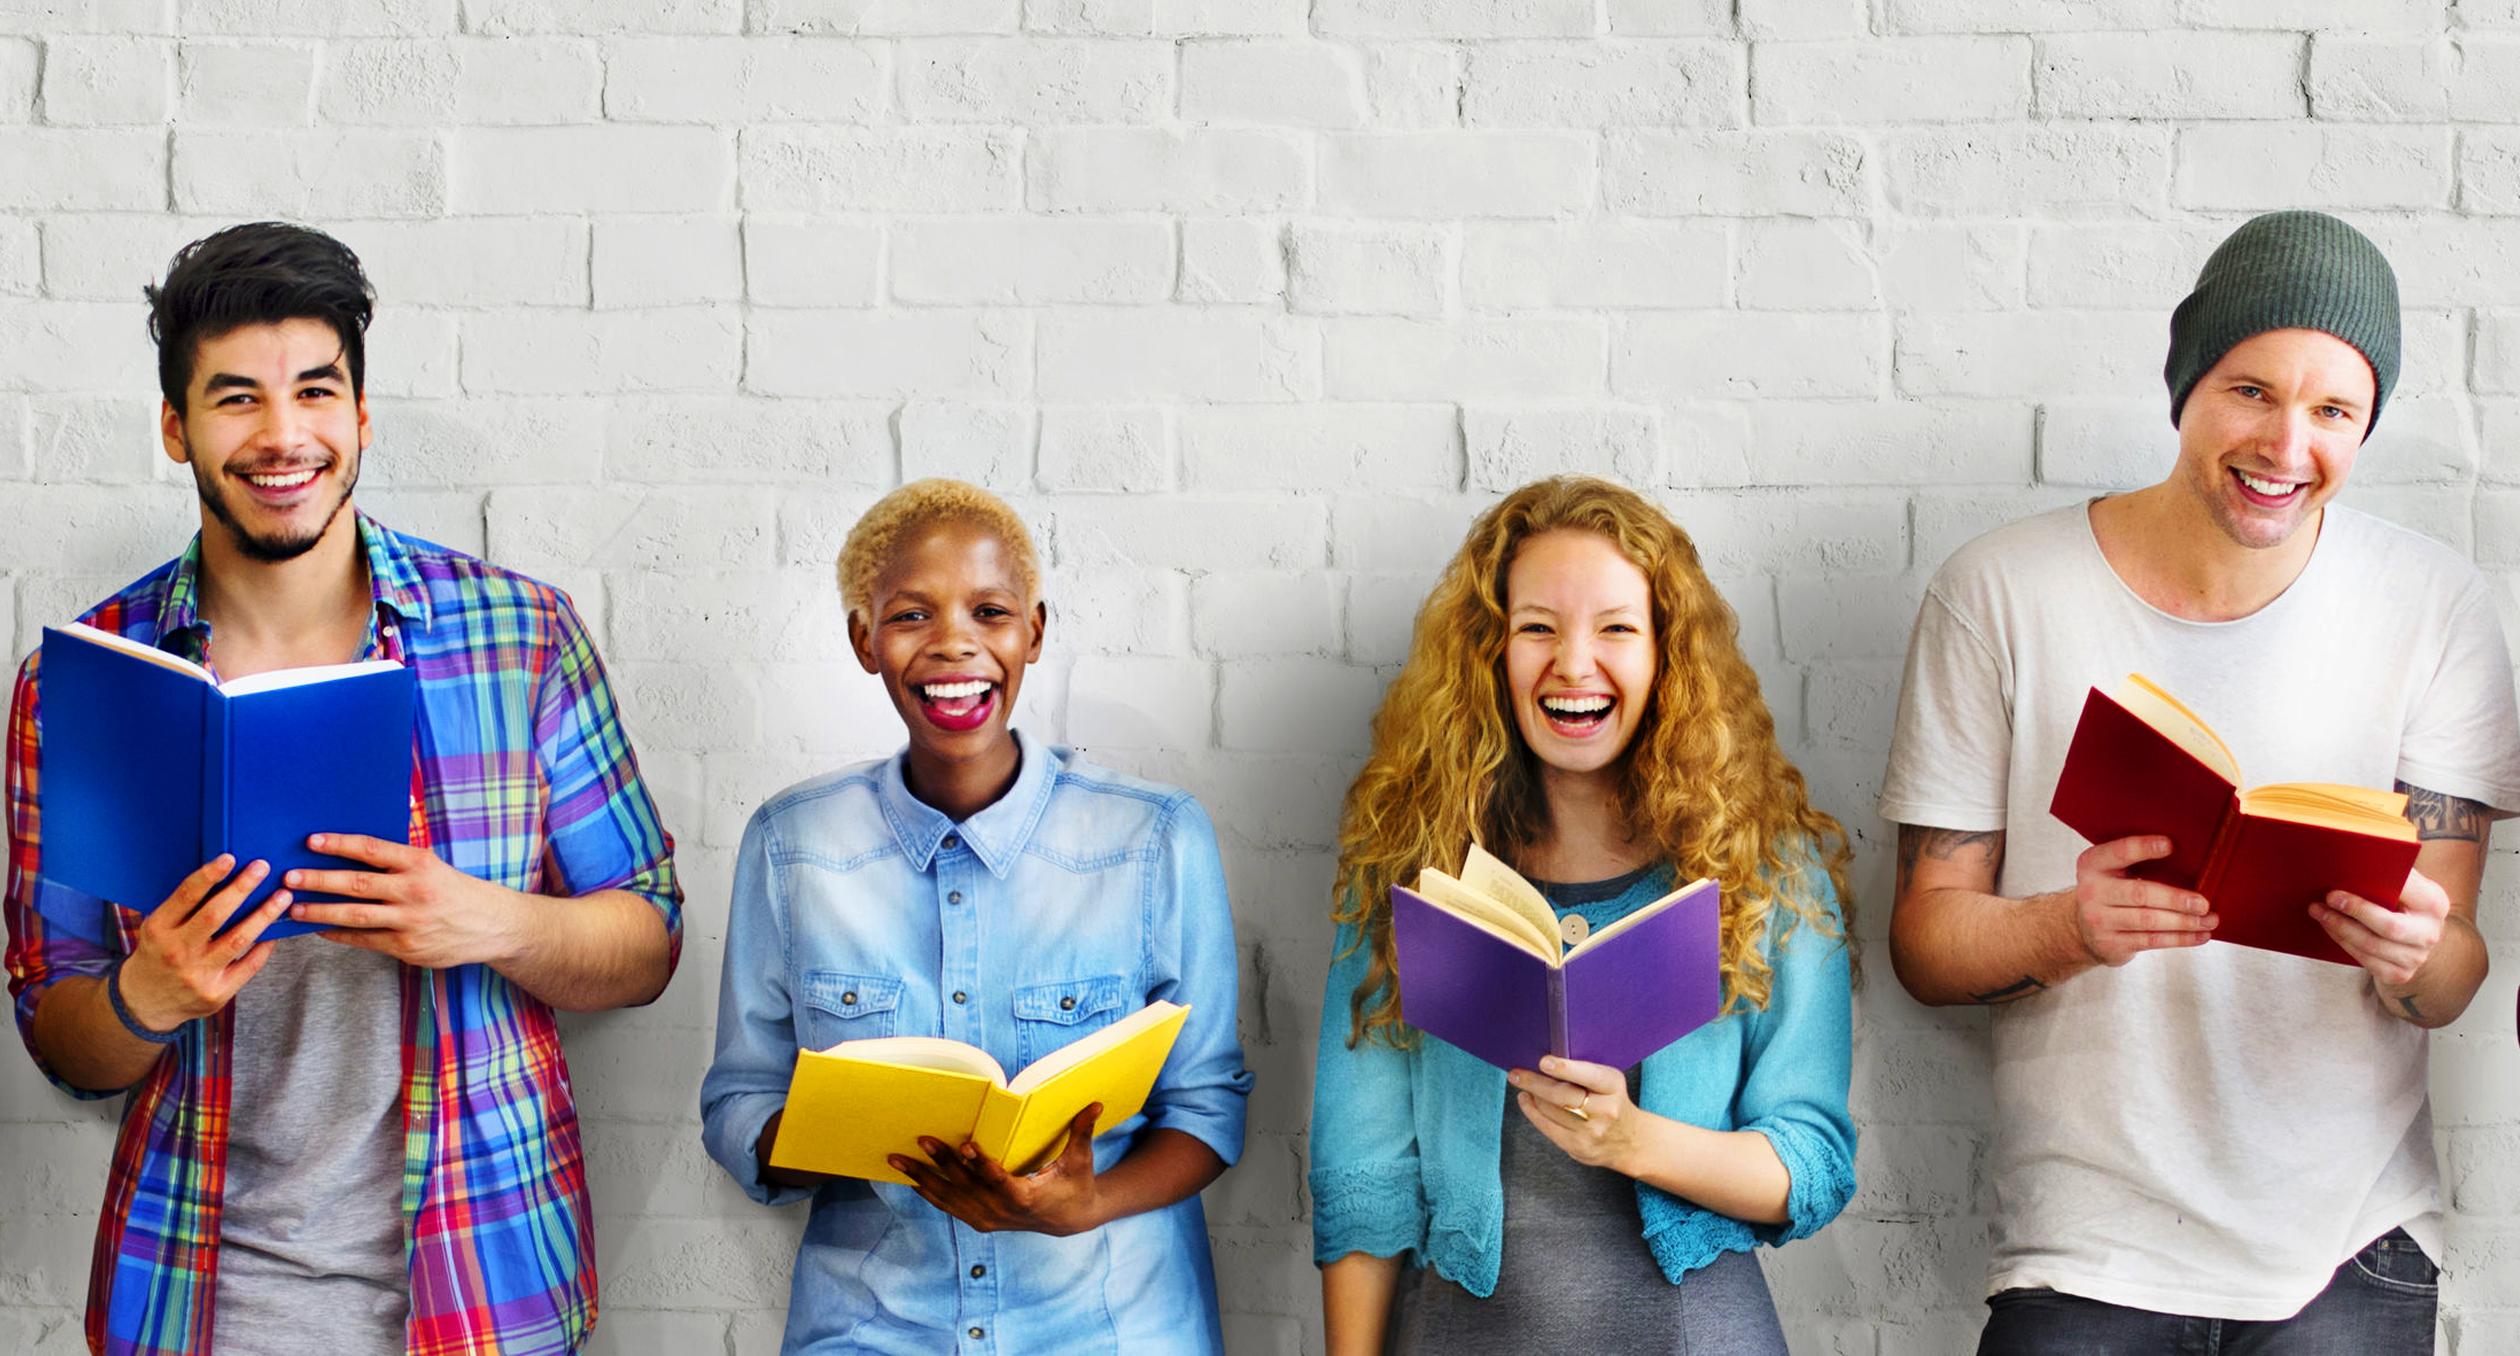 leggiamoci, leggere, libri, lettura, psicologia, benessere, gruppo di lettura